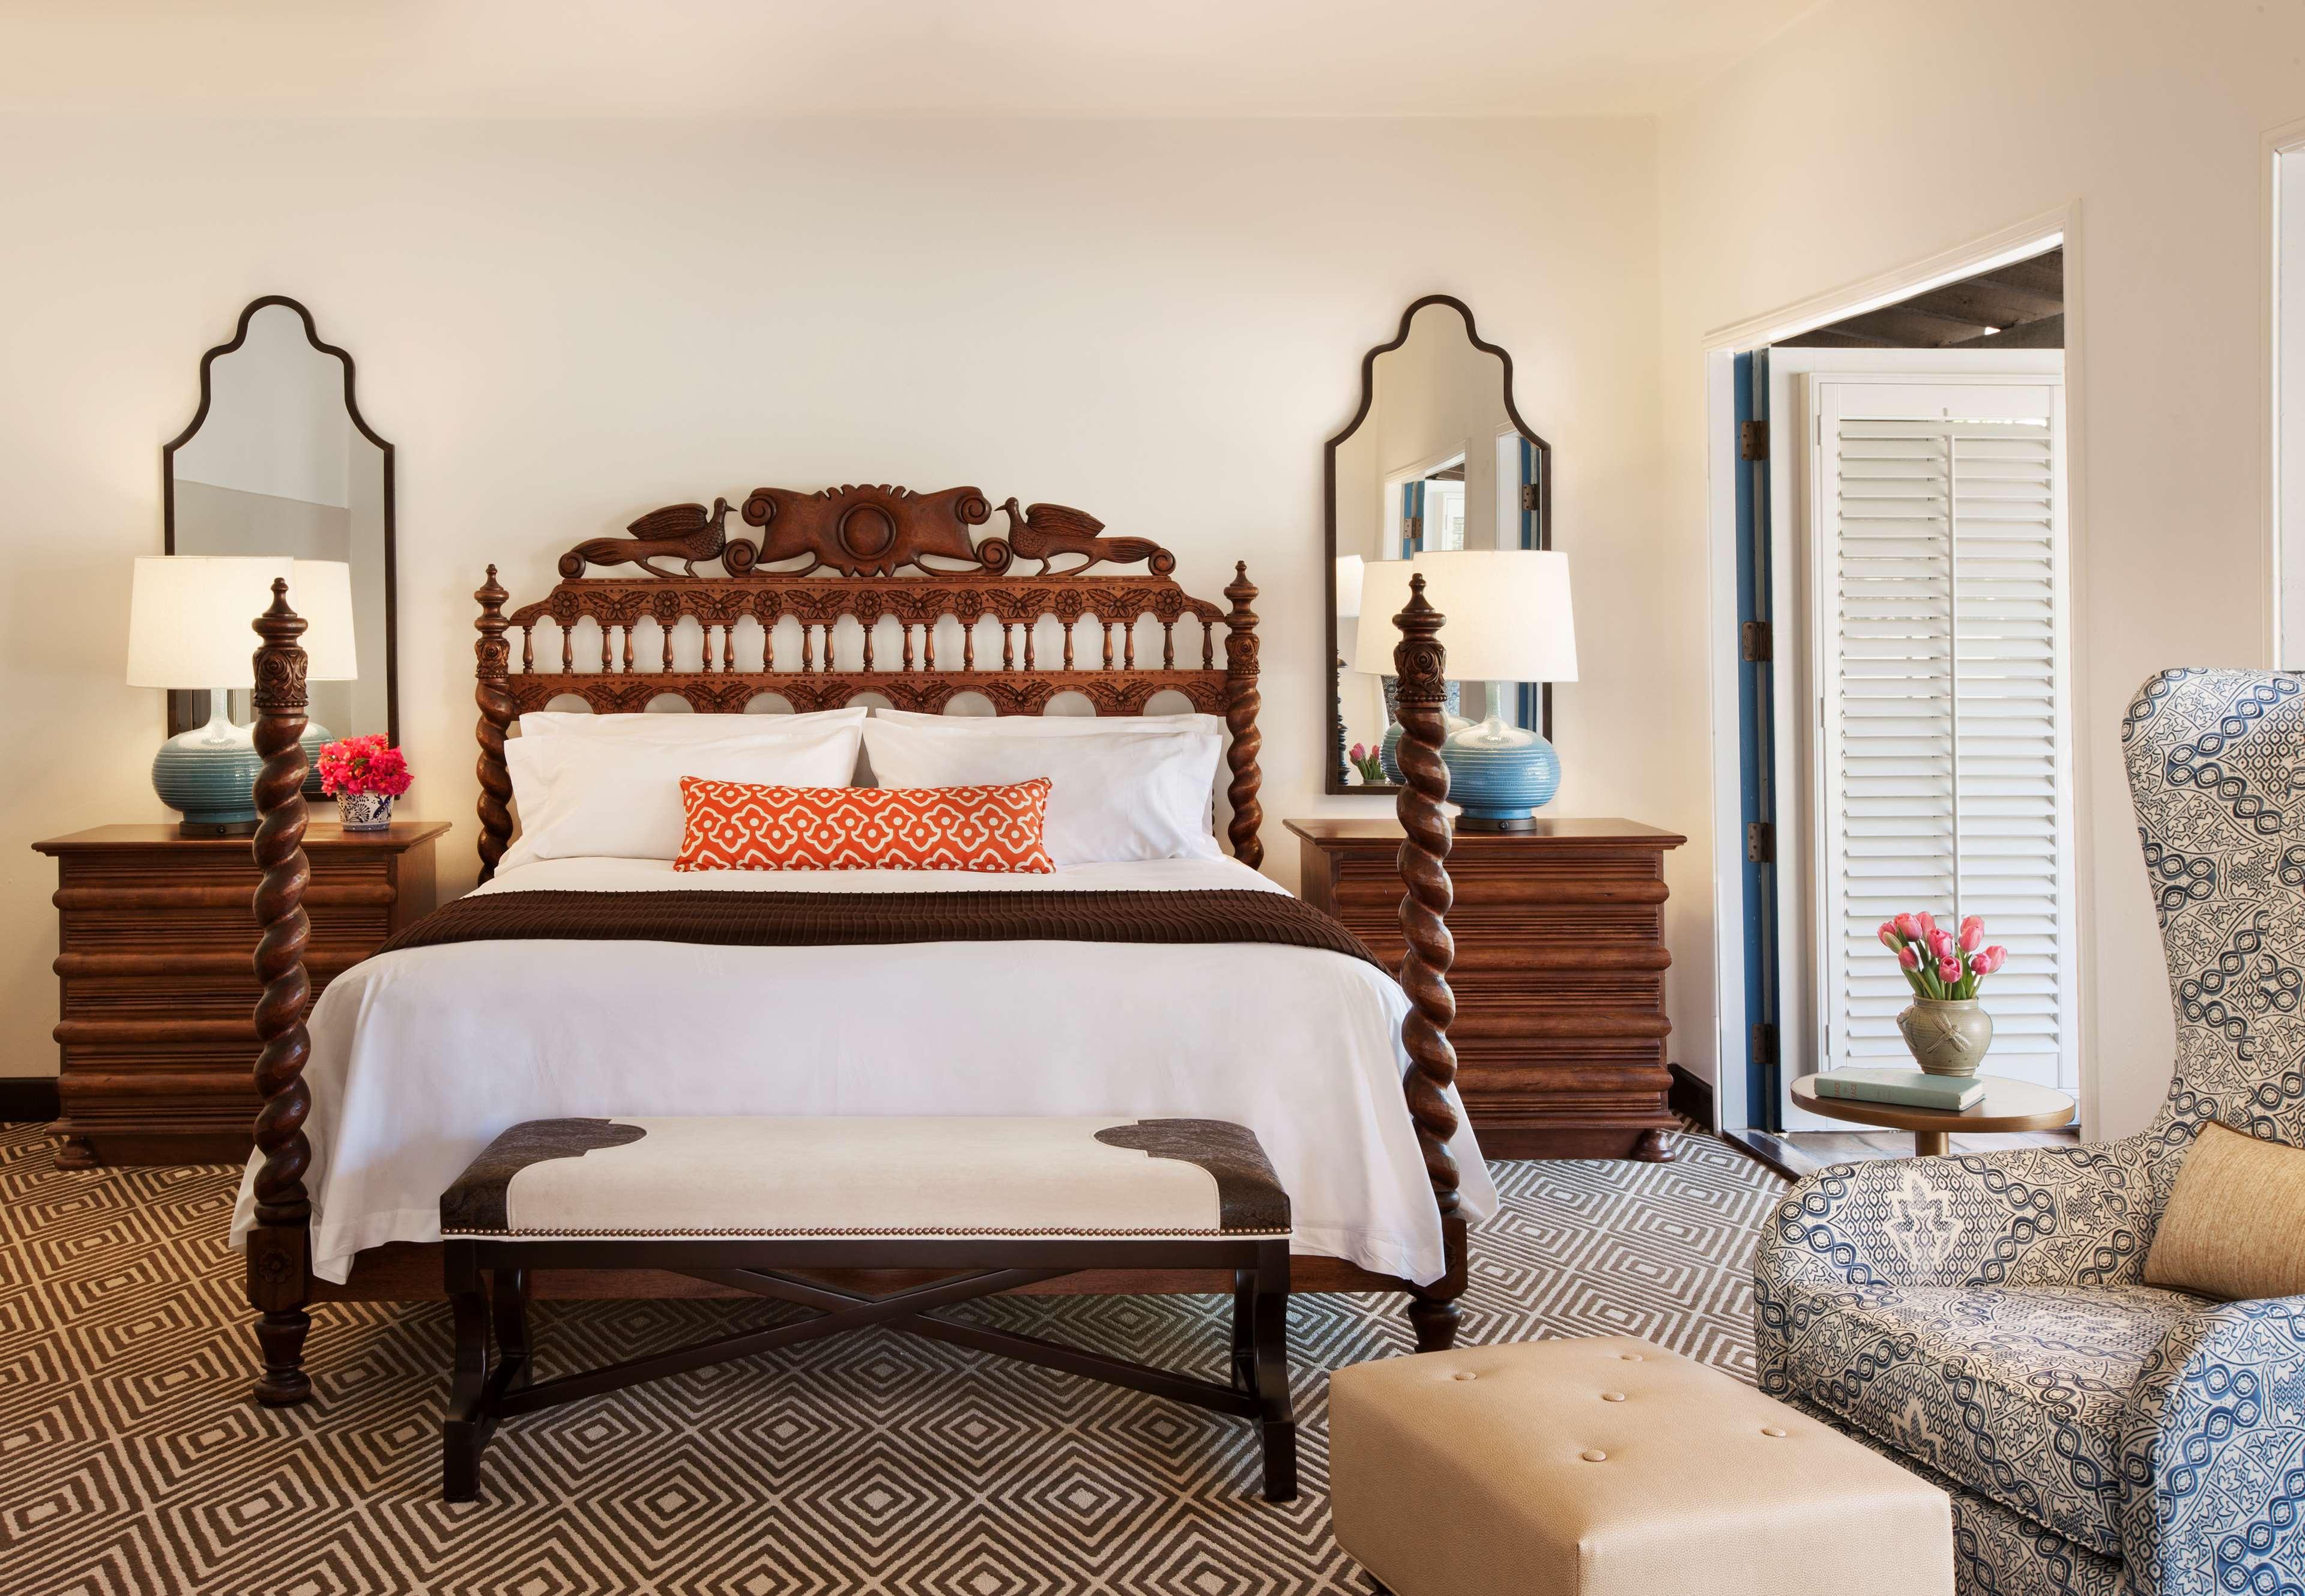 La Quinta Resort & Club, A Waldorf Astoria Resort image 17